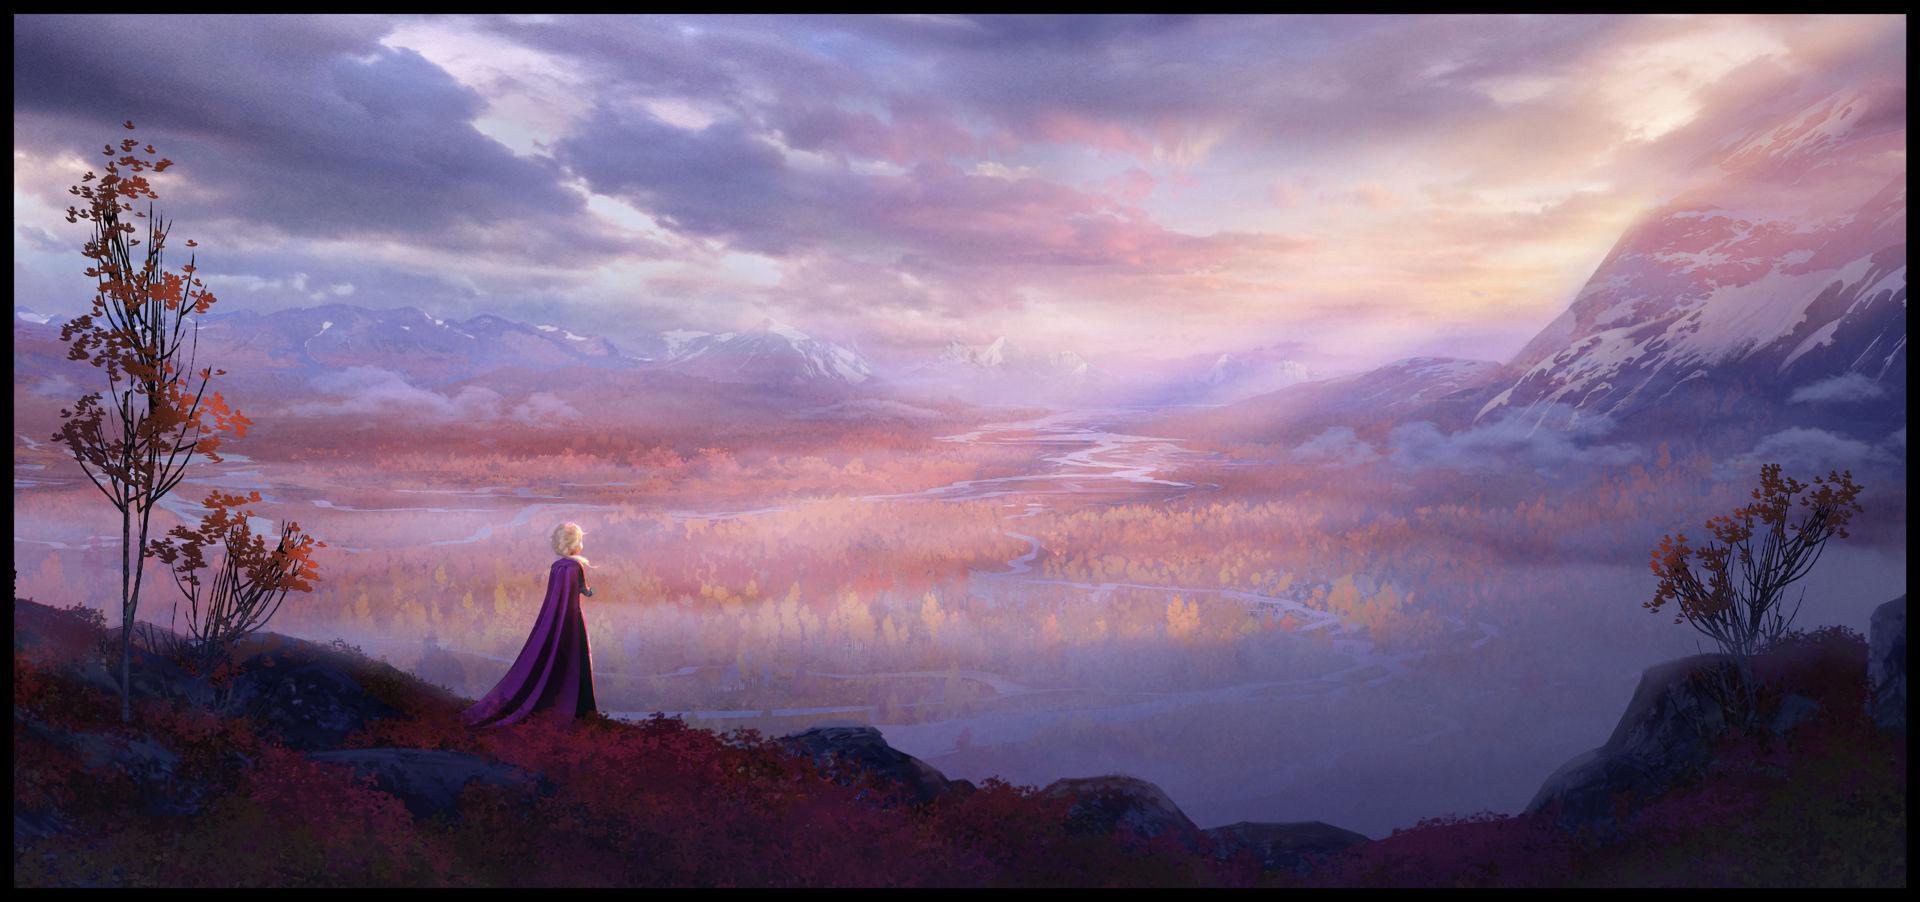 Elsa's metaphorical queerness will remain metaphorical in Frozen II